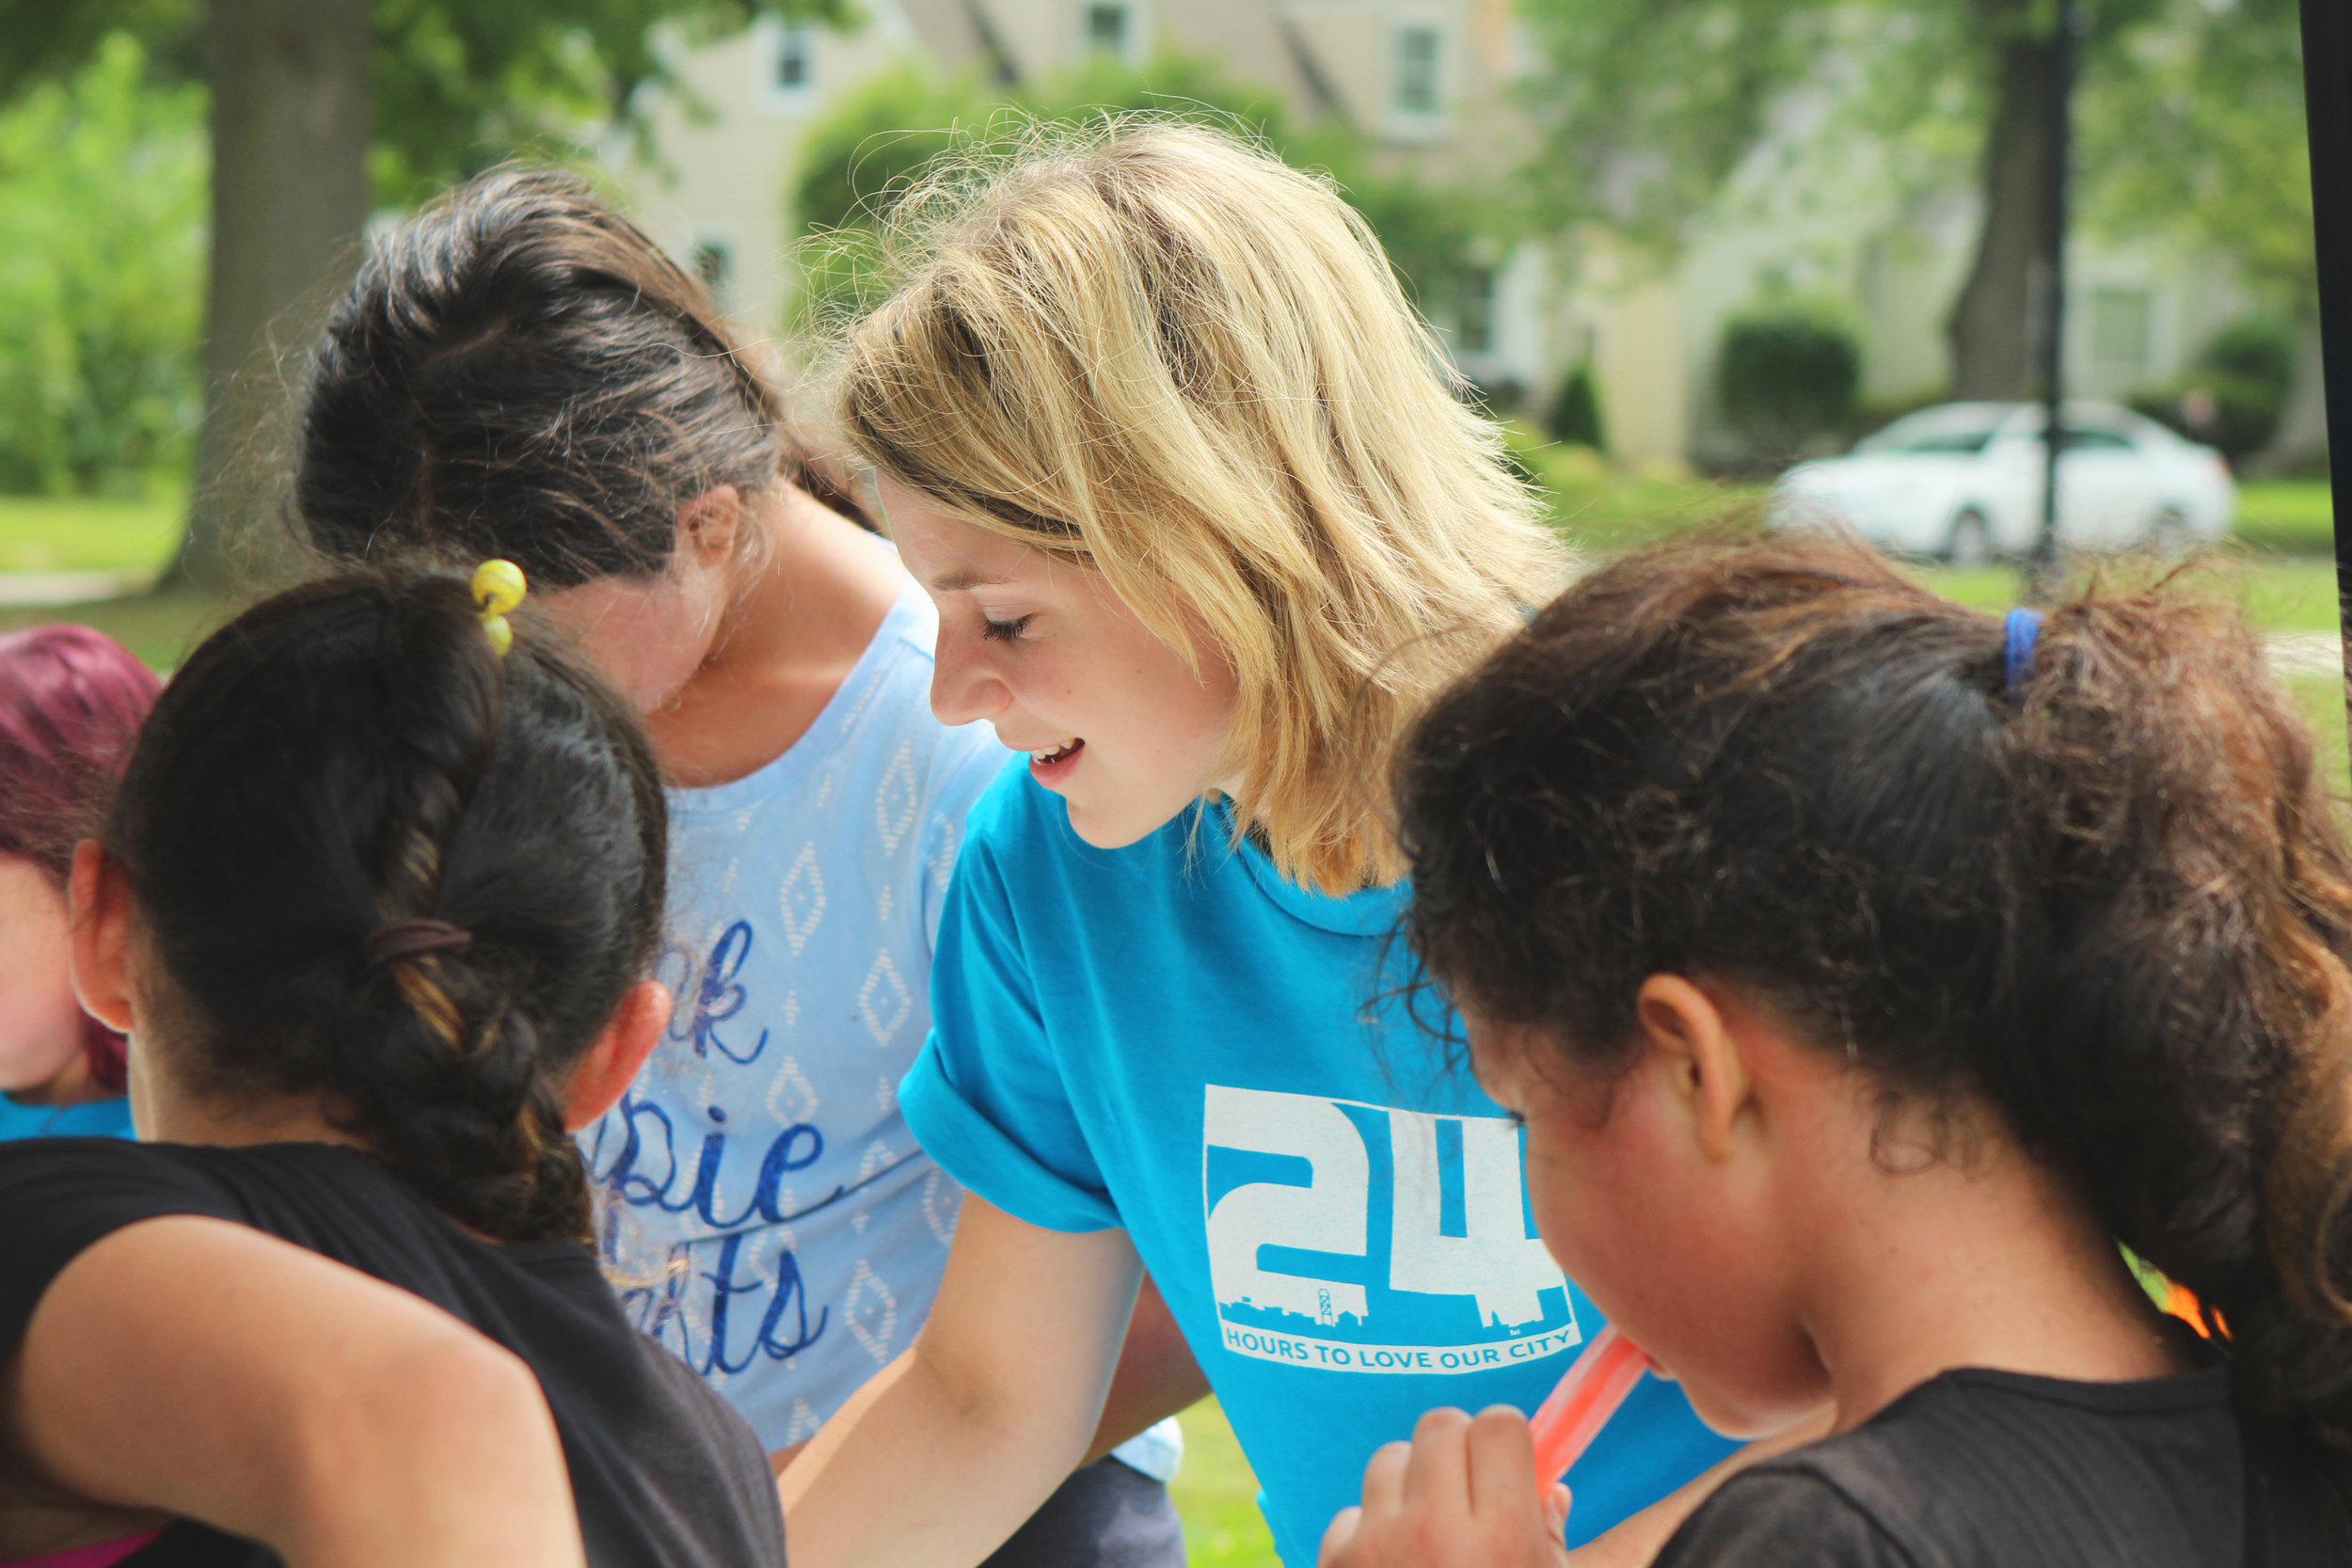 """Voluntarios - Los voluntarios son personas muy importantes para nosotros. En GrandesGeniosU contamos con el talento de muchas personas muy creativas y reconocidas en su medio por la calidad de sus trabajos. Si tienes tiempos, ganas y crees que tienes la madera para compartir tus conocimientos y habilidades, queremos que hagas parte de nuestro equipo de voluntarios.Laura GonzálezMentora / MetodologíaEliana Vásquez - Coro infantil y juvenil """"Los Colores de la Música""""Mentora"""